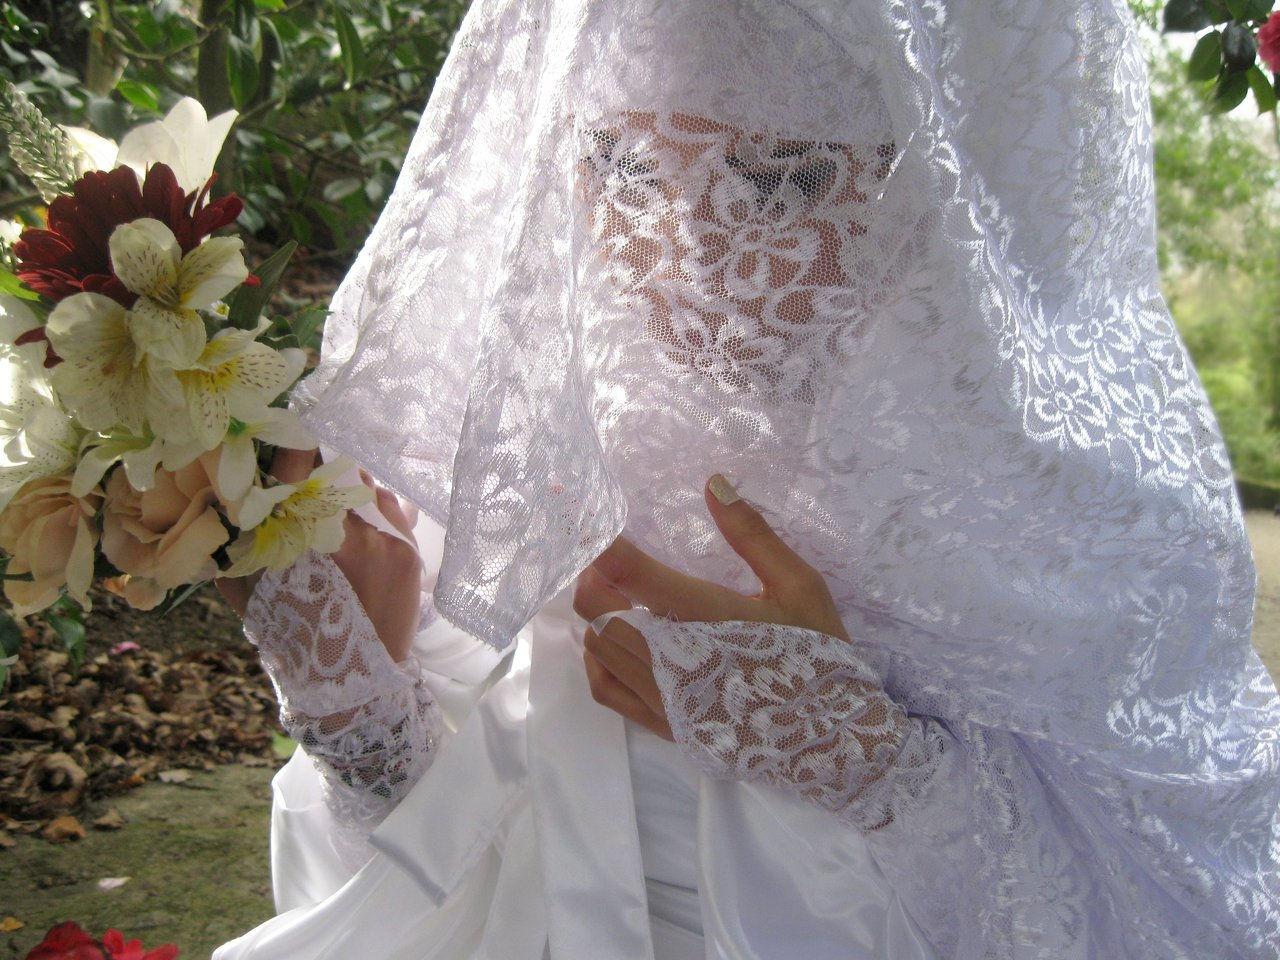 jilbab mariage 20jpg - Jilbeb Mariage